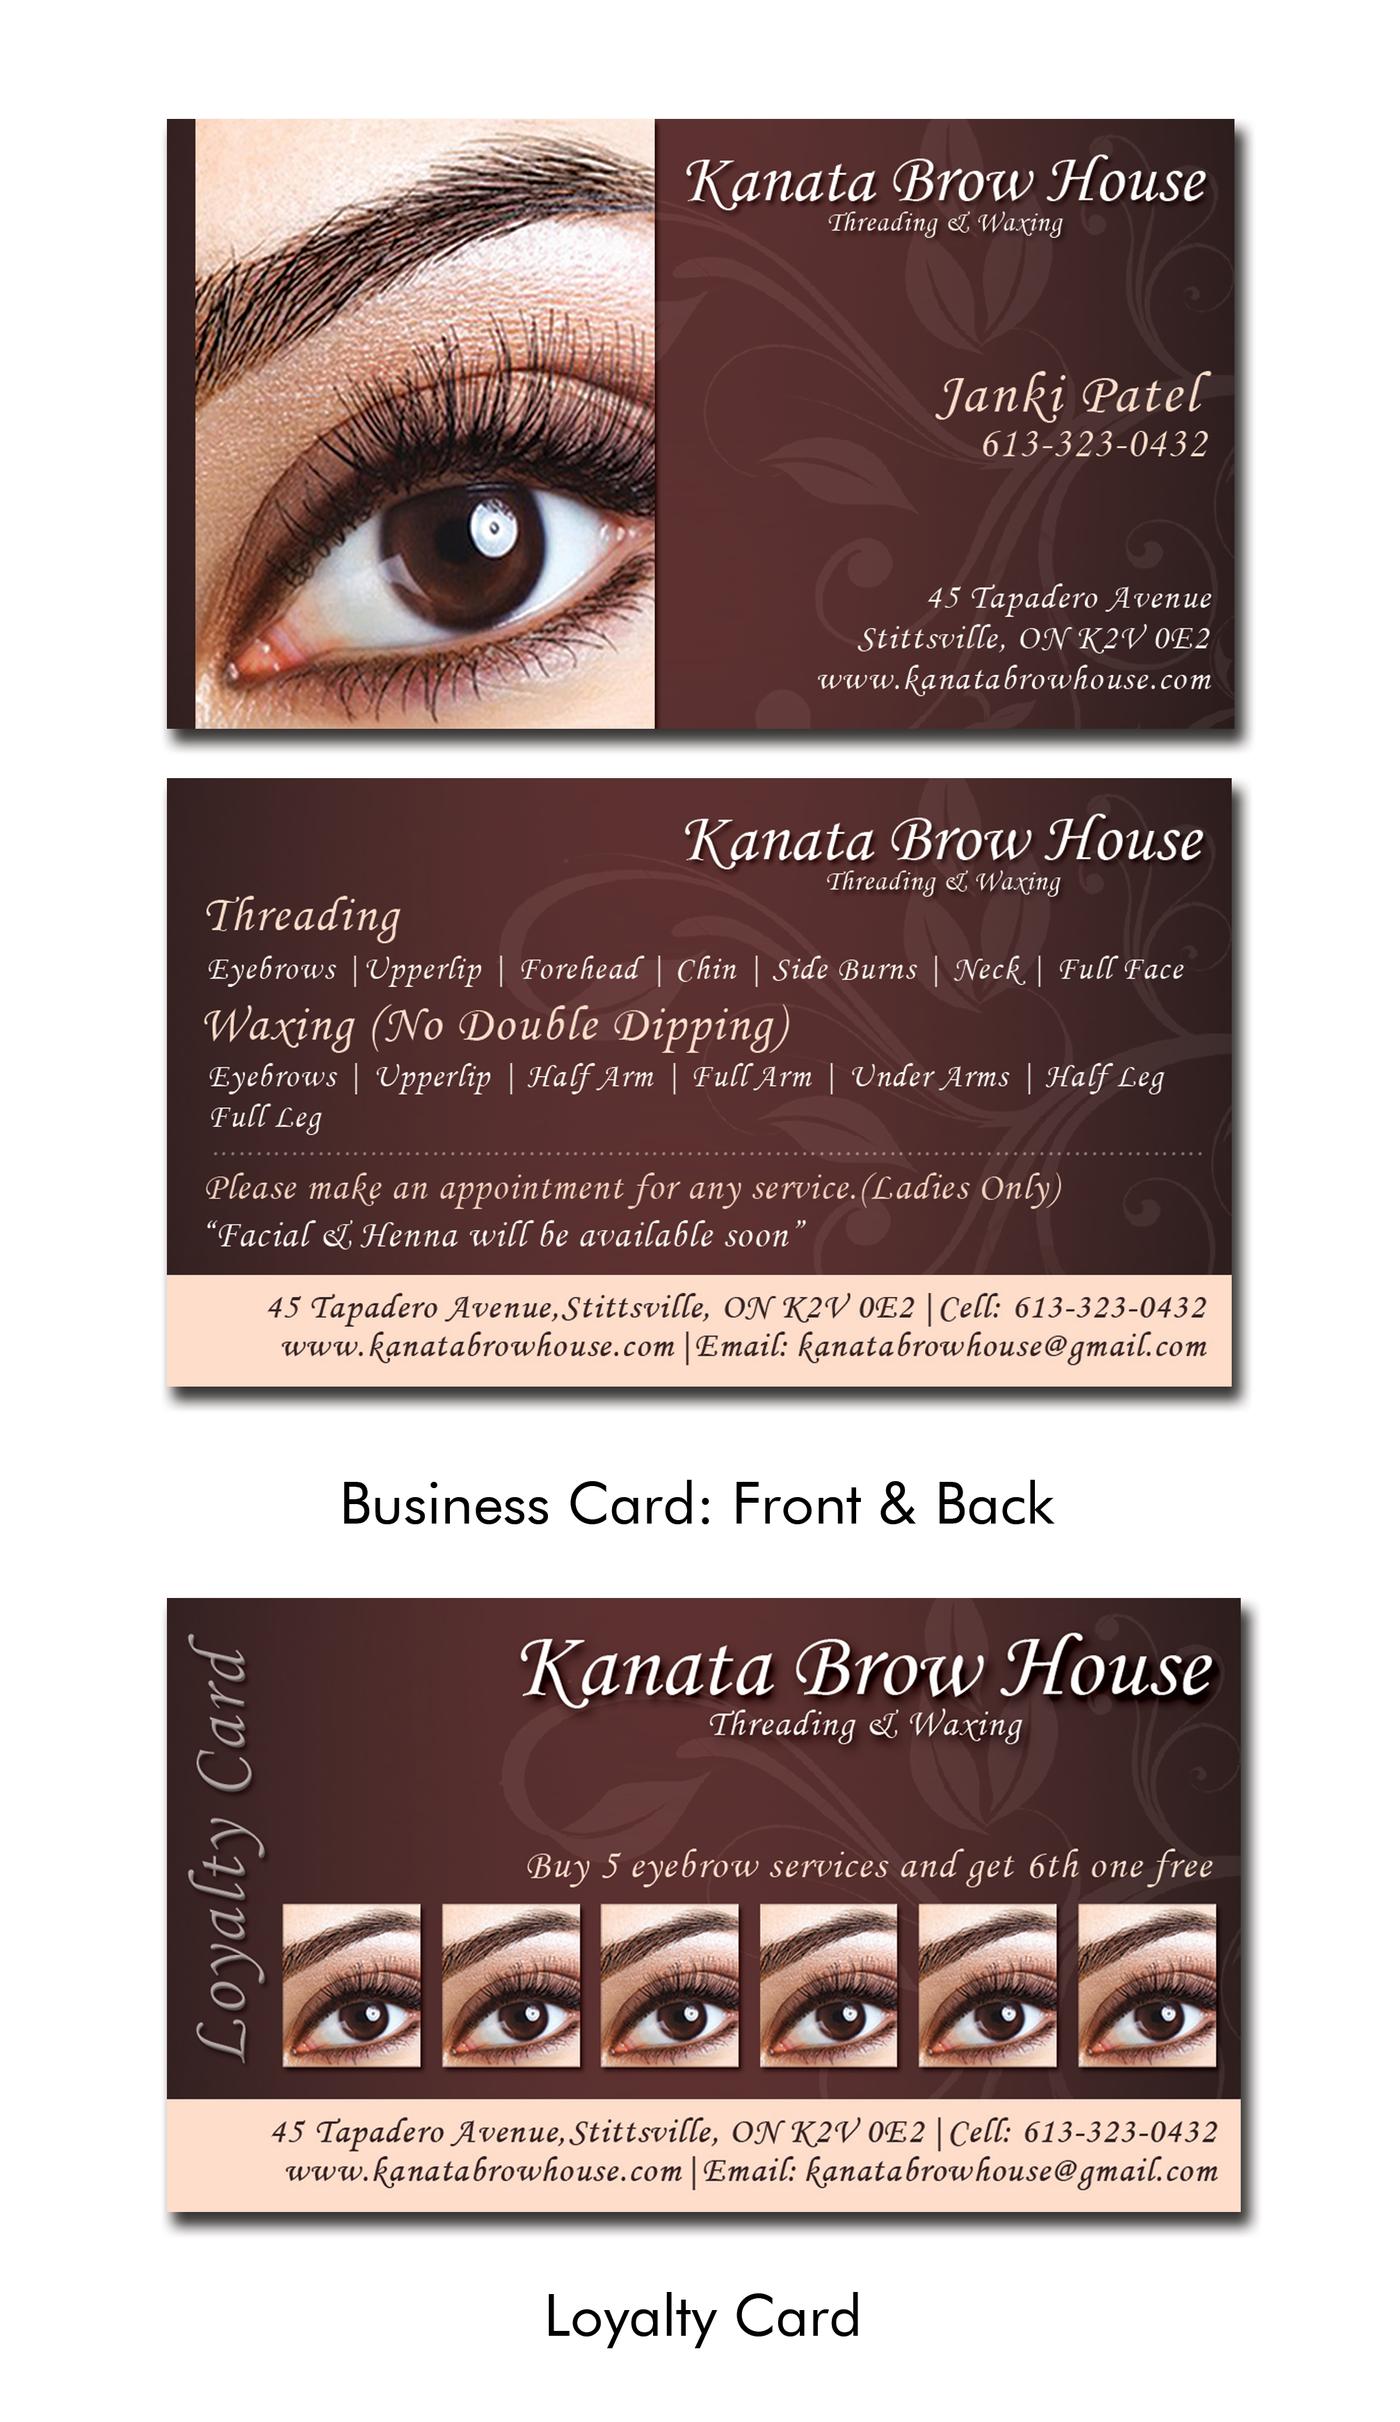 Kanata Brow House By Dhwani Shah At